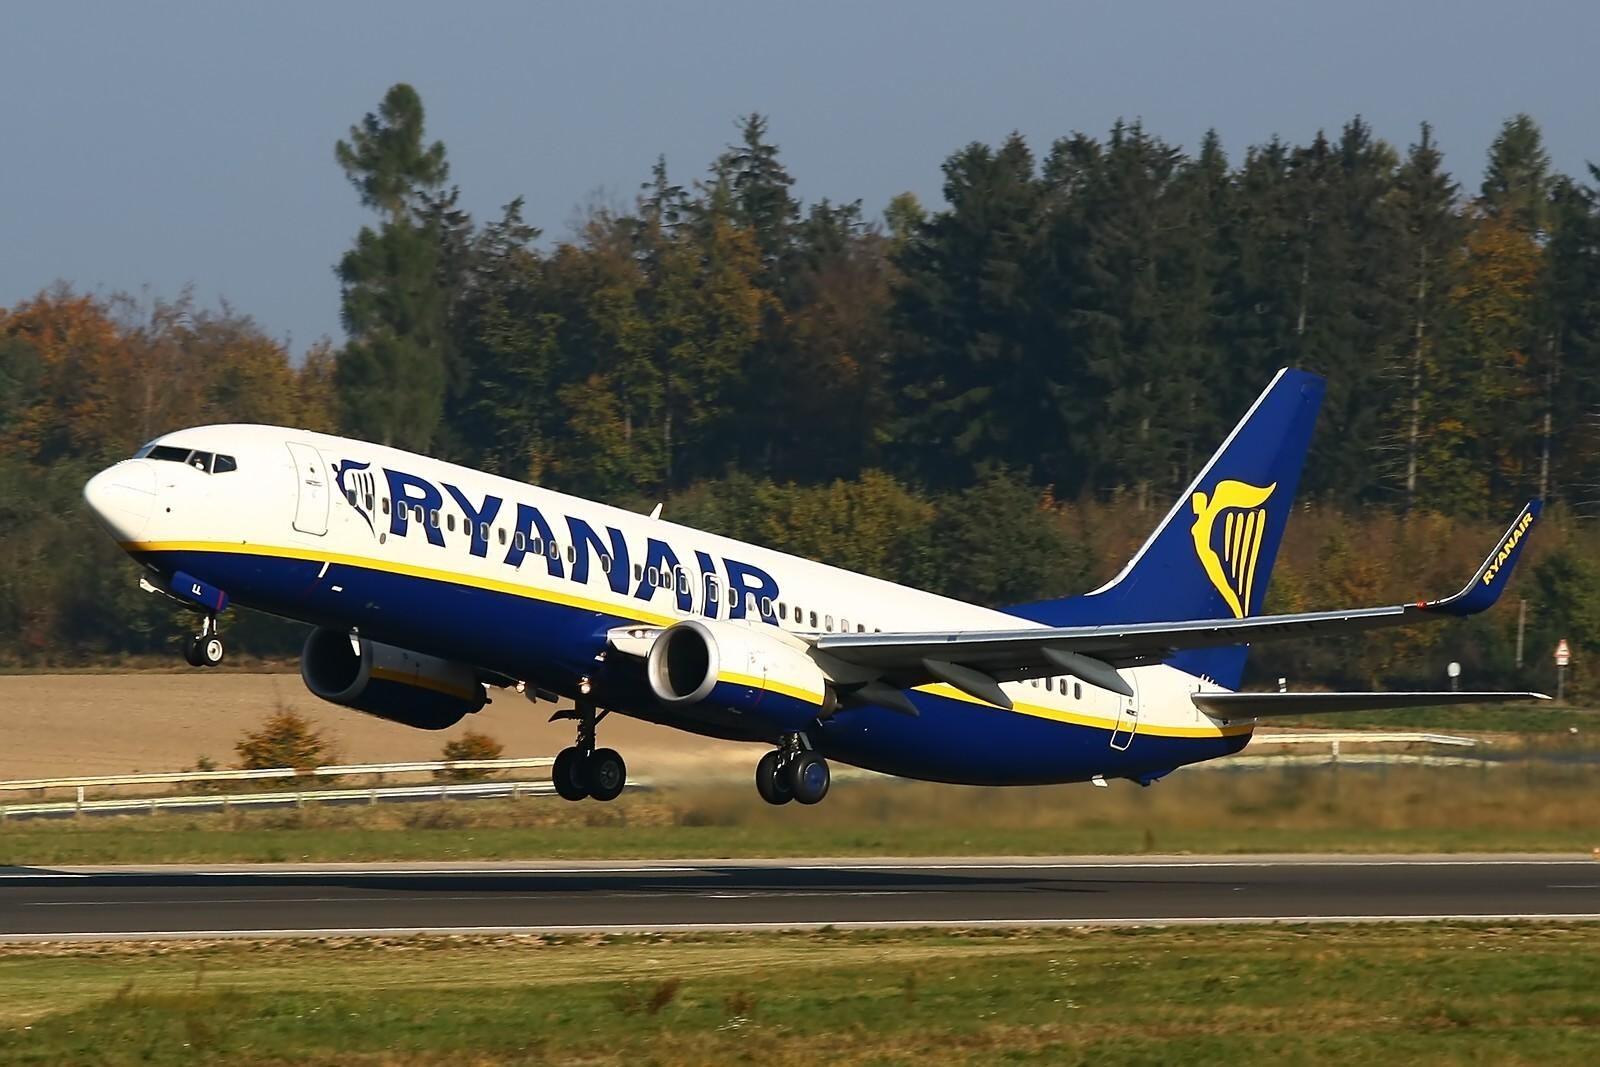 """""""Вы пособники?"""" - белорусы в Сети требуют бойкотировать Ryanair из-за ареста основателя NEXTA Протасевича"""